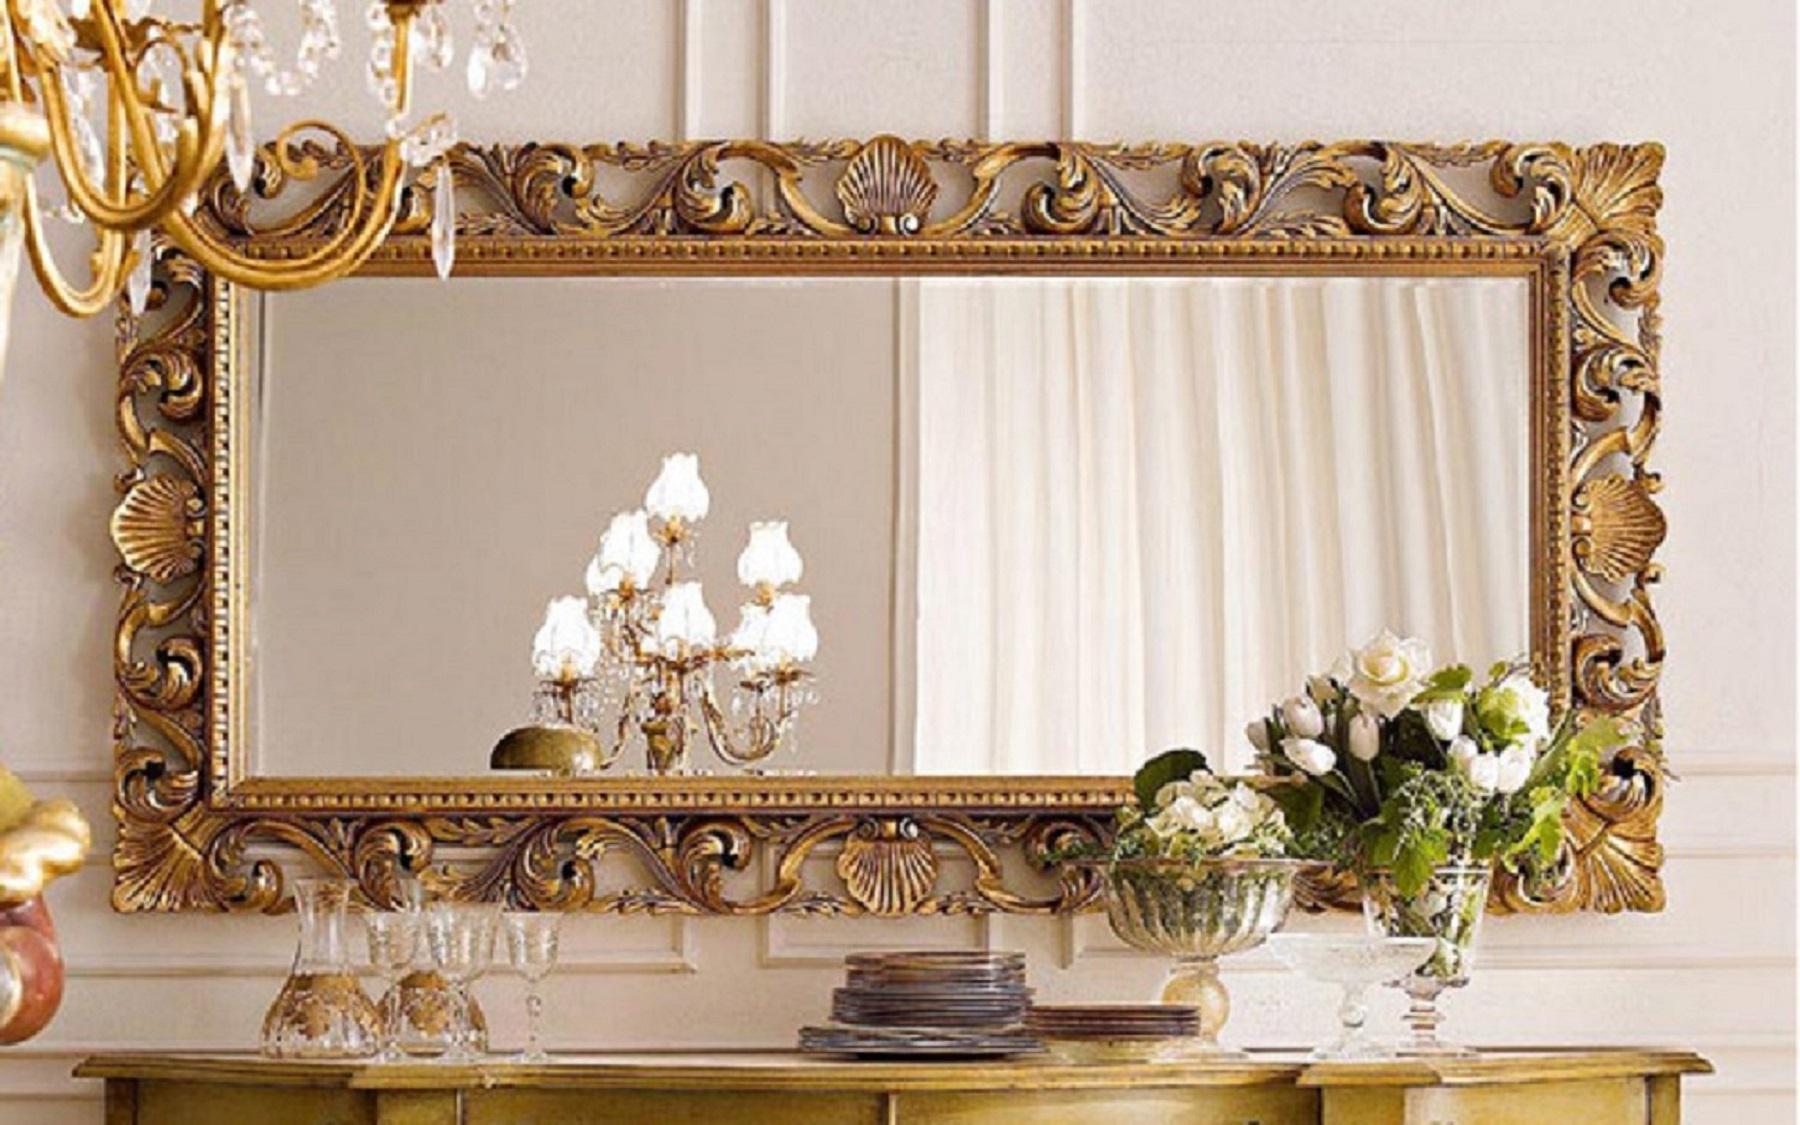 Preciosos espejos estilo barroco con marcos de madera - Espejos estilo barroco ...